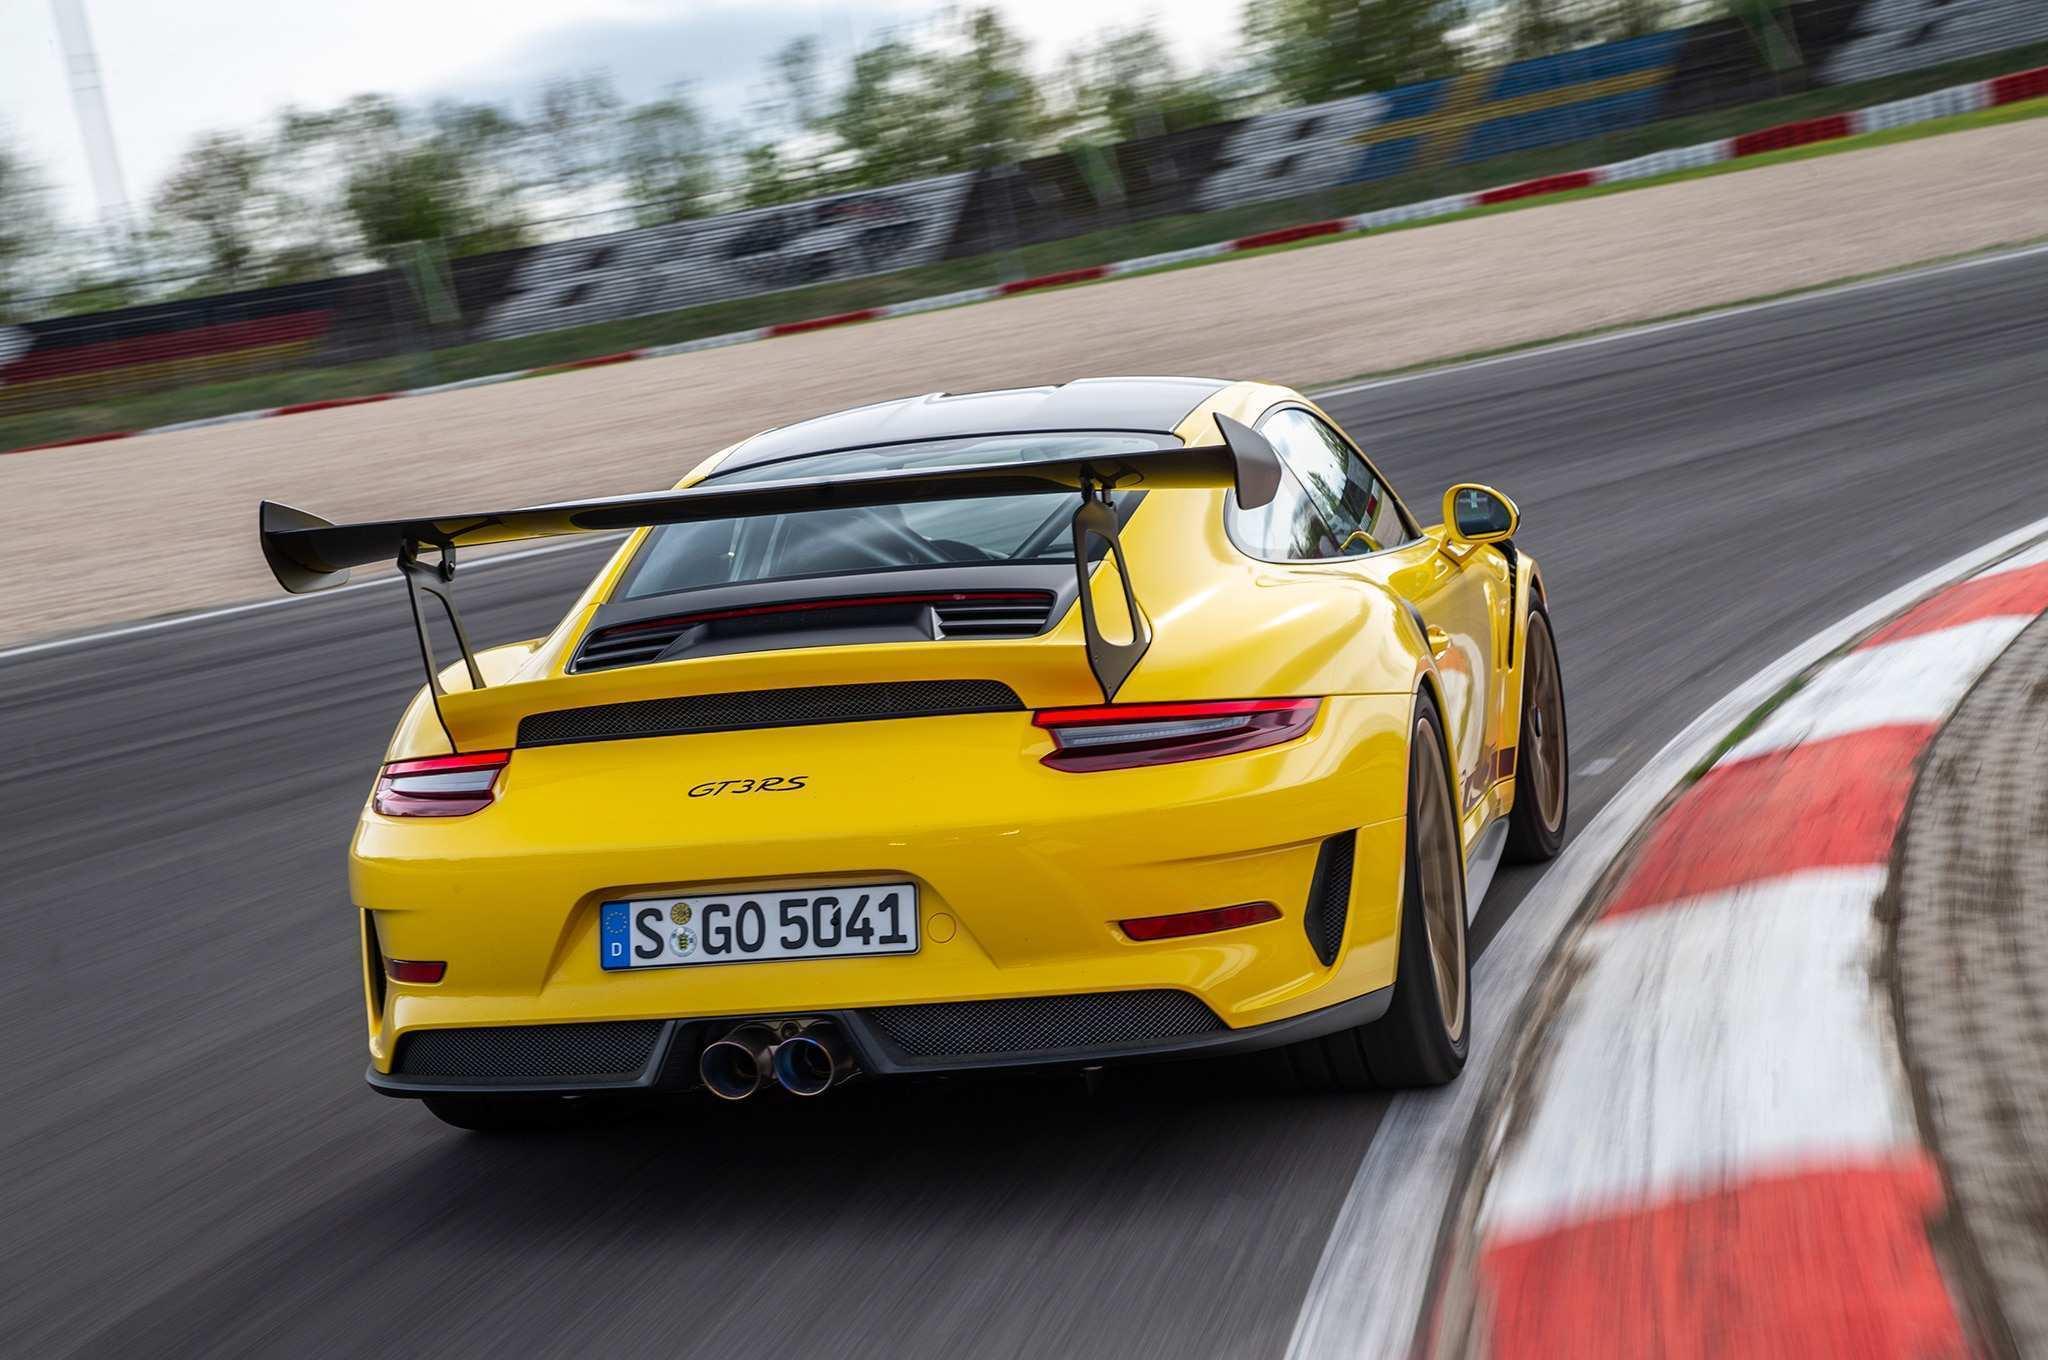 31 New 2019 Porsche Gt3 Rs Redesign for 2019 Porsche Gt3 Rs